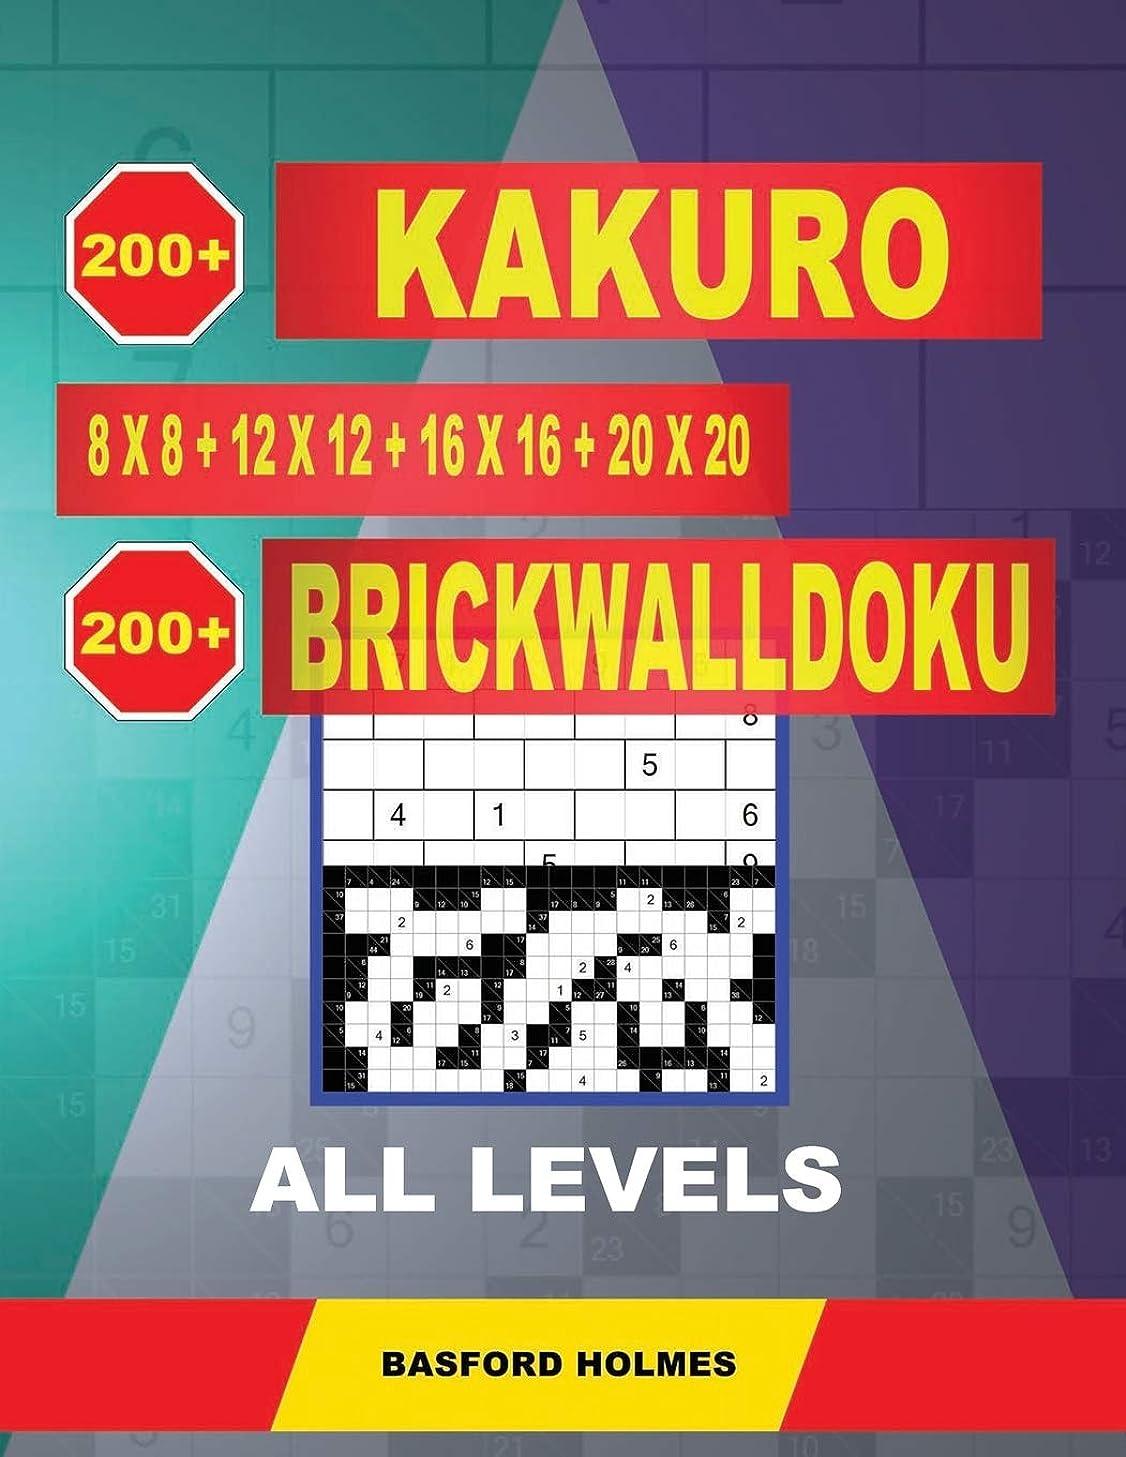 依存する死ぬ休み200 Kakuro 8x8 + 12x12 + 16x16 + 20x20 + 200 BrickWallDoku all levels.: Holmes presents a collection of classic sudoku to charge the mind well. EASY + MEDIUM + HARD + VERY HARD Sudoku puzzles. (plus 500 puzzles that can be printed). (Kakuro and BrickWallDoku classic sudoku)